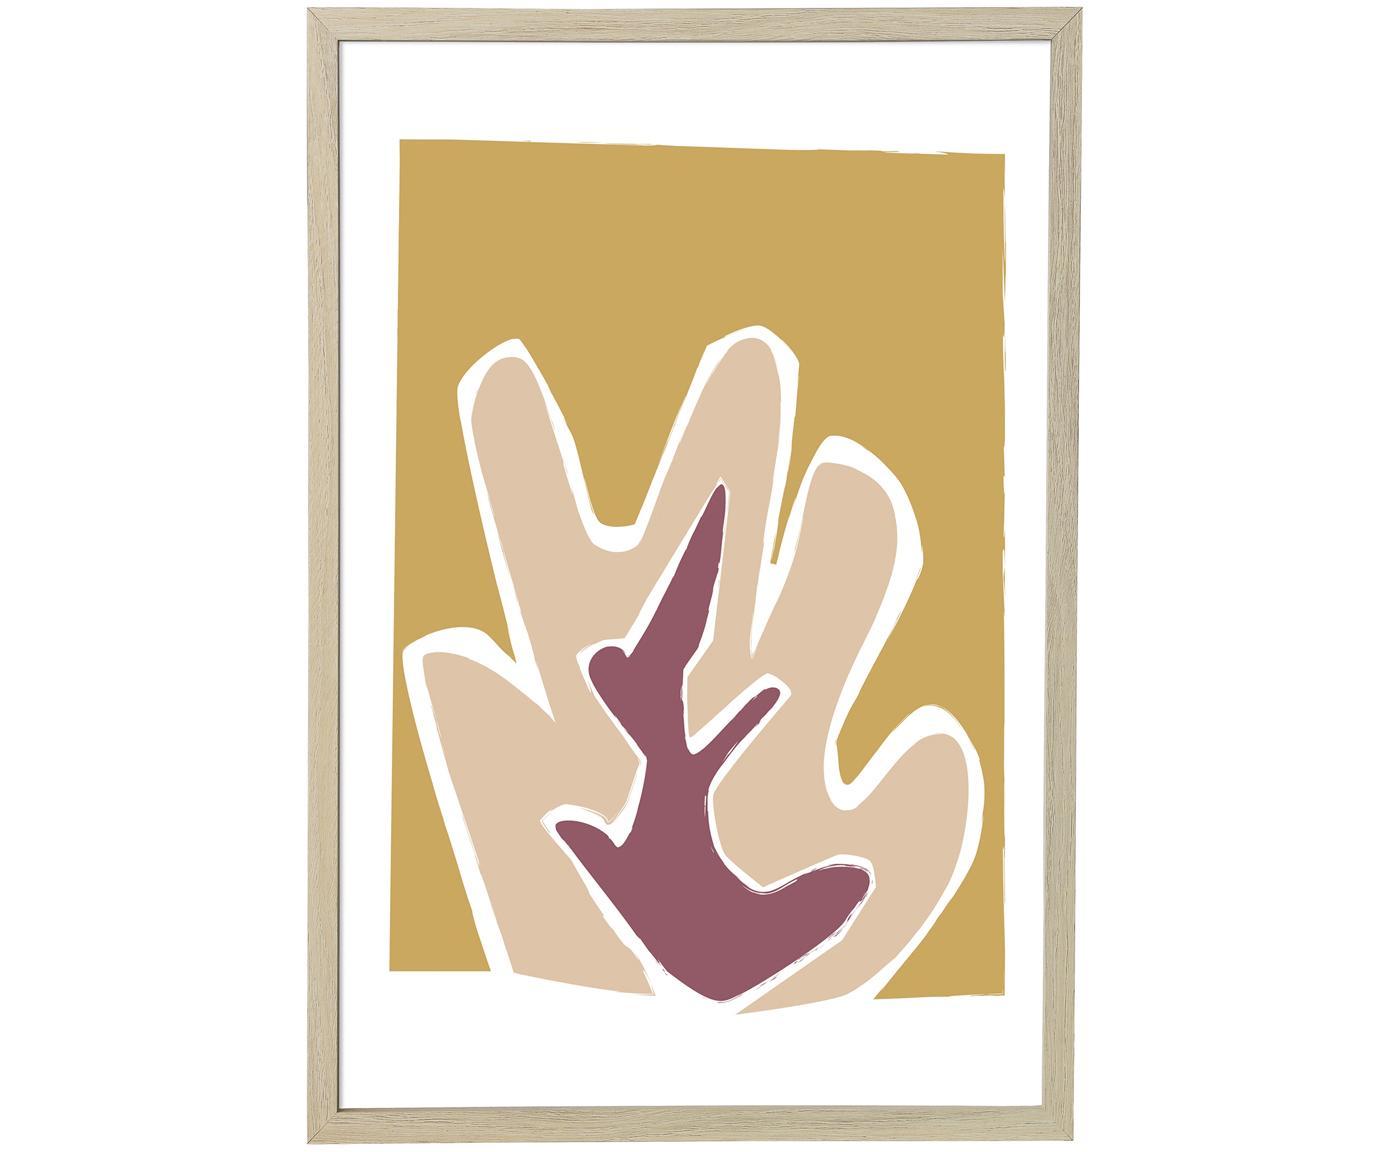 Gerahmter Digitaldruck Kasja, Bild: Digitaldruck auf Papier, , Rahmen: Mitteldichte Holzfaserpla, Front: Kunststoff (PVC), Beige, Weiss, Rosa, Senfgelb, 45 x 65 cm